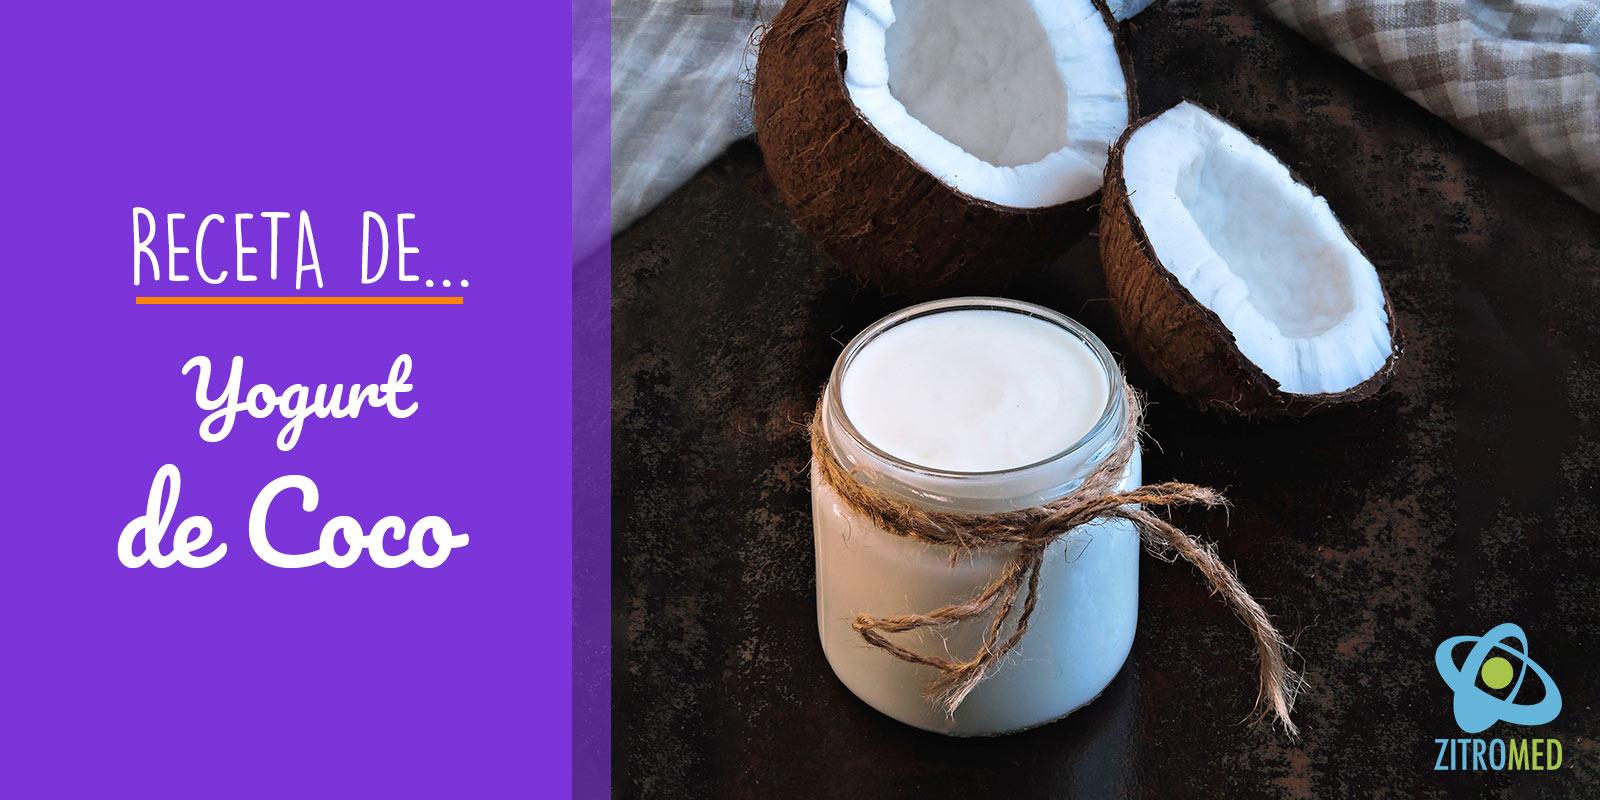 Receta de Yogurt de Coco